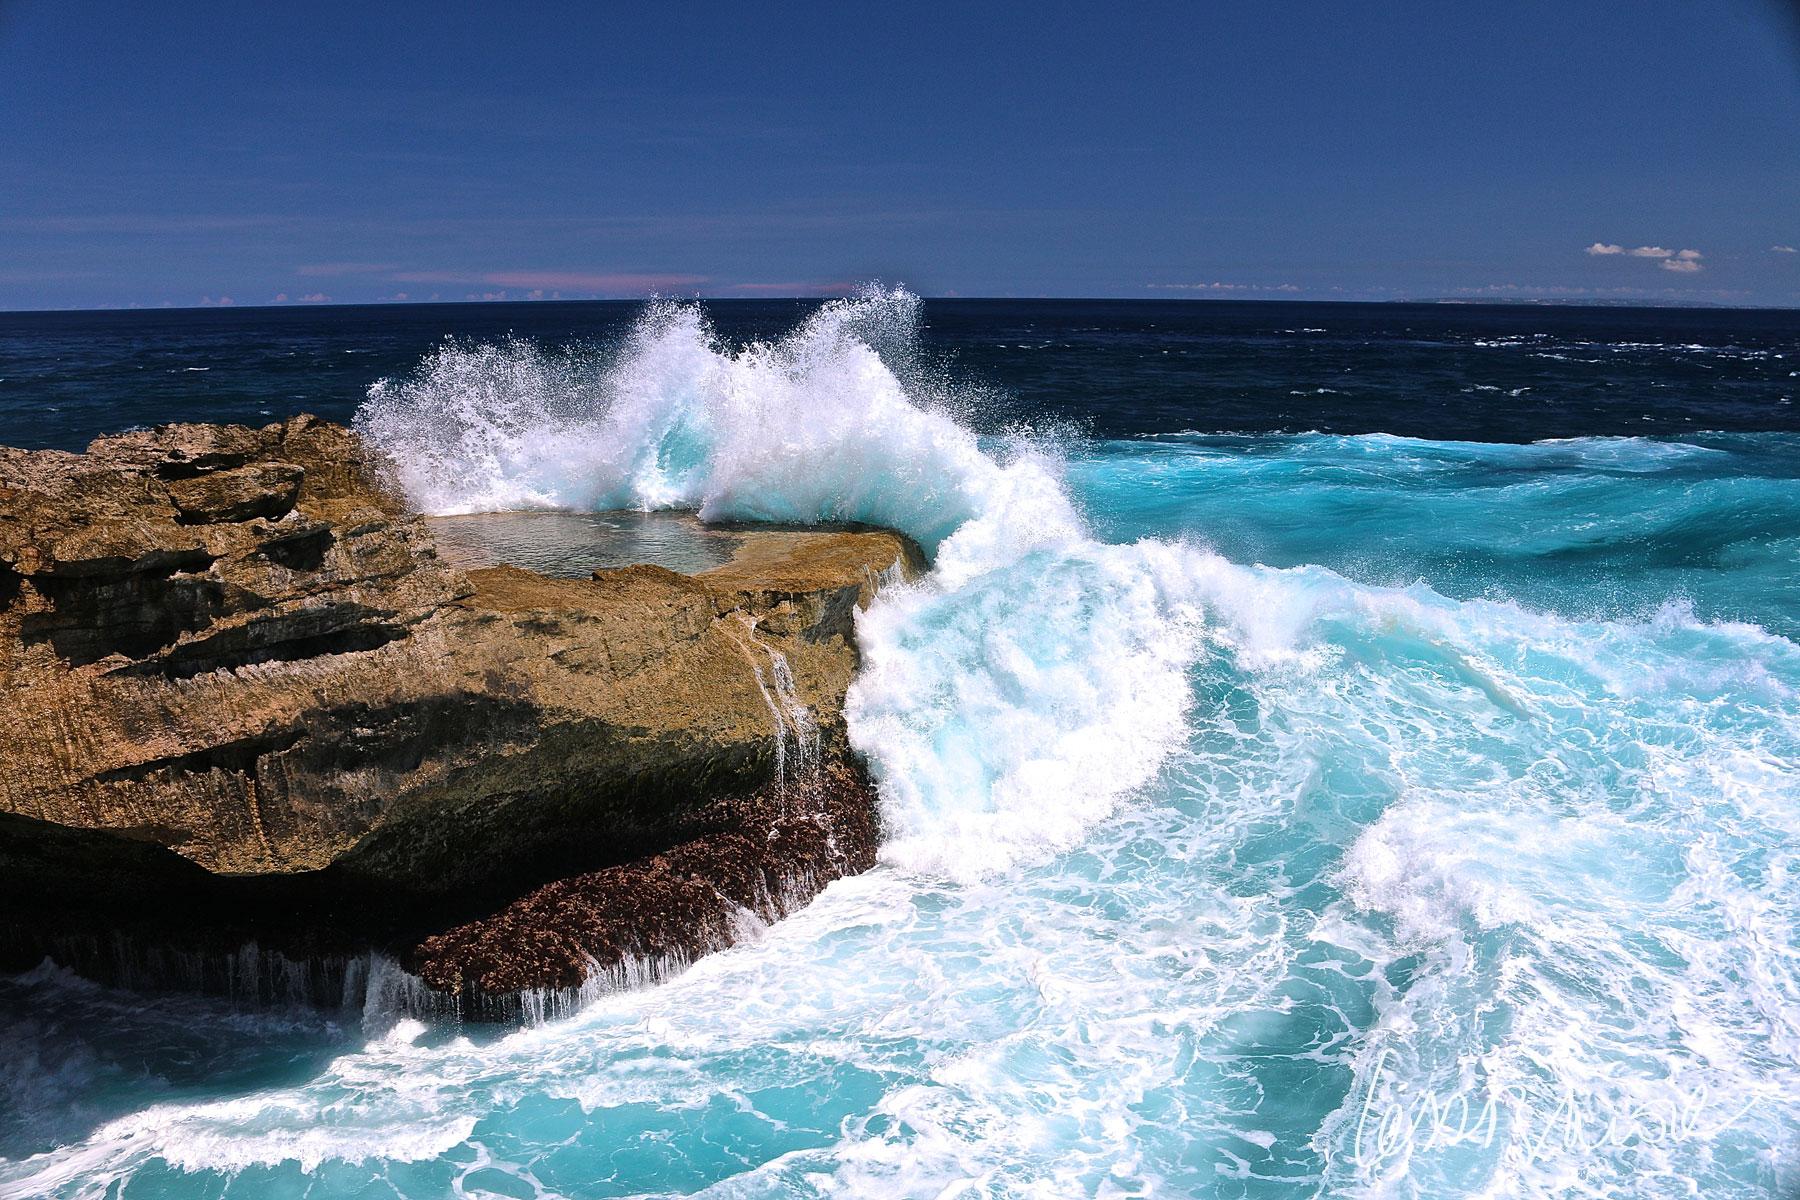 Una de tantas olas rompiendo con fuerza en el acantilado de Devil's Tear por la mañana, un lugar especial que inevitablemente me enamoró. Fotografía hecha en Nusa Lembonga, Indonesia.  Click + info >